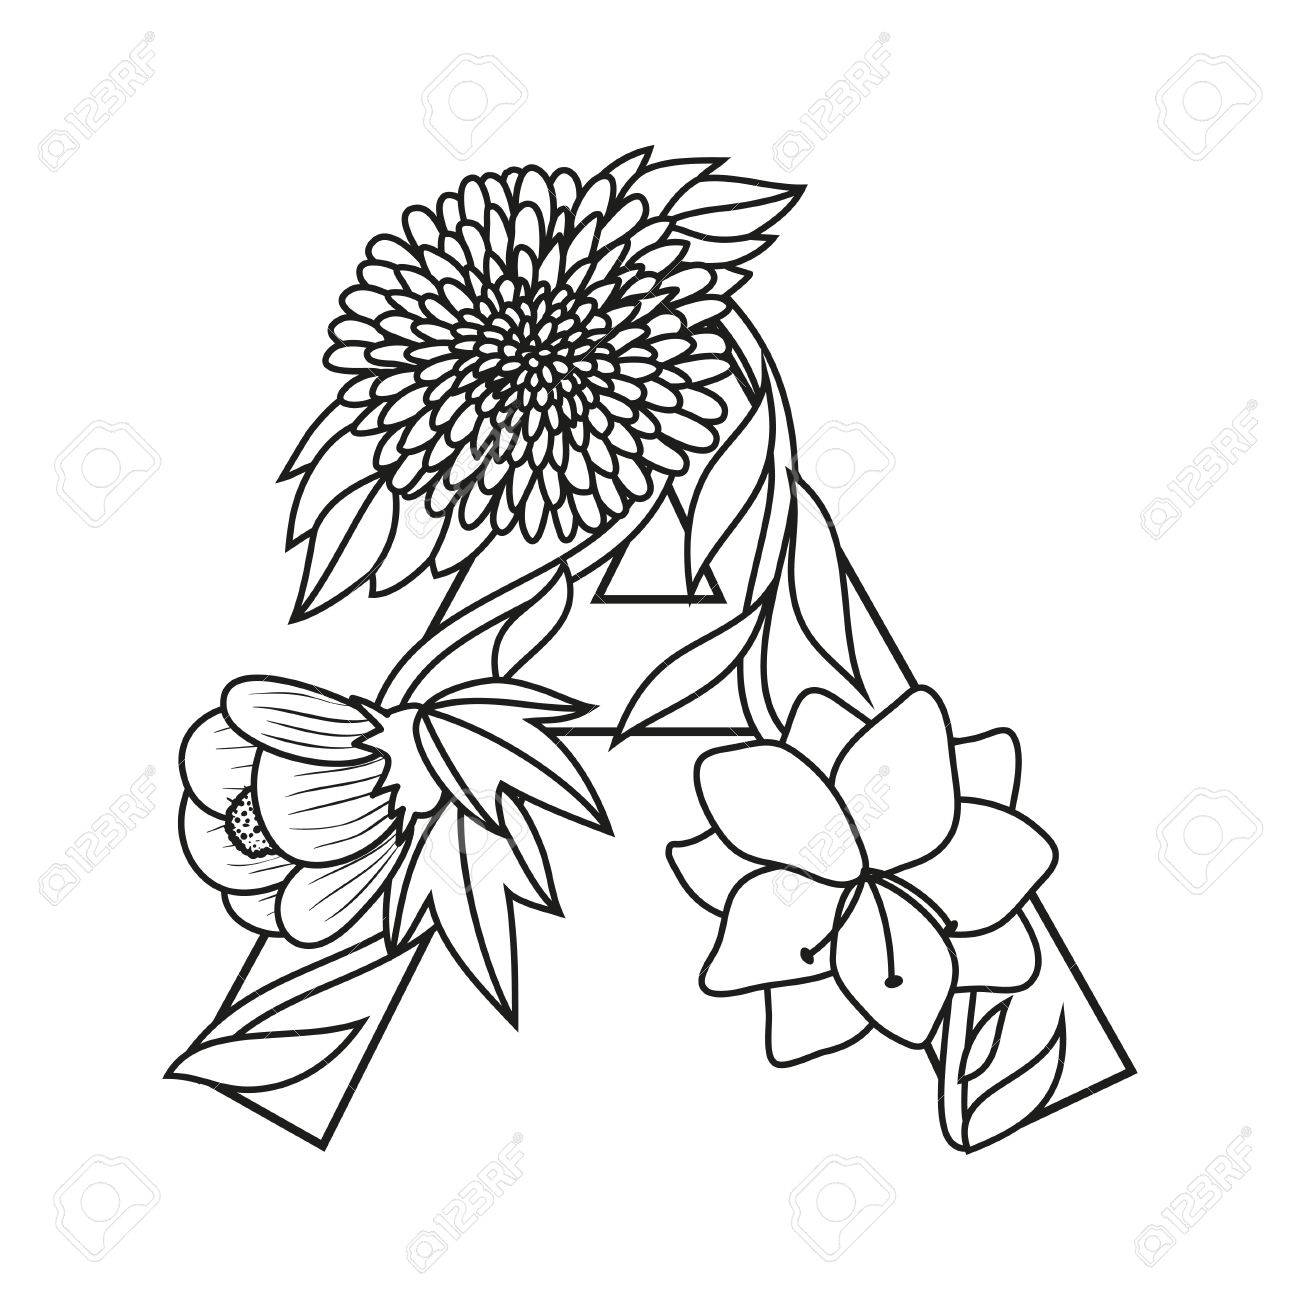 Letra Lindo De La Flor Floral Monograma A A Con Flores De época Que Comienza Con La Letra A Y Tallos De Enredadera Letra Capital De Dibujos